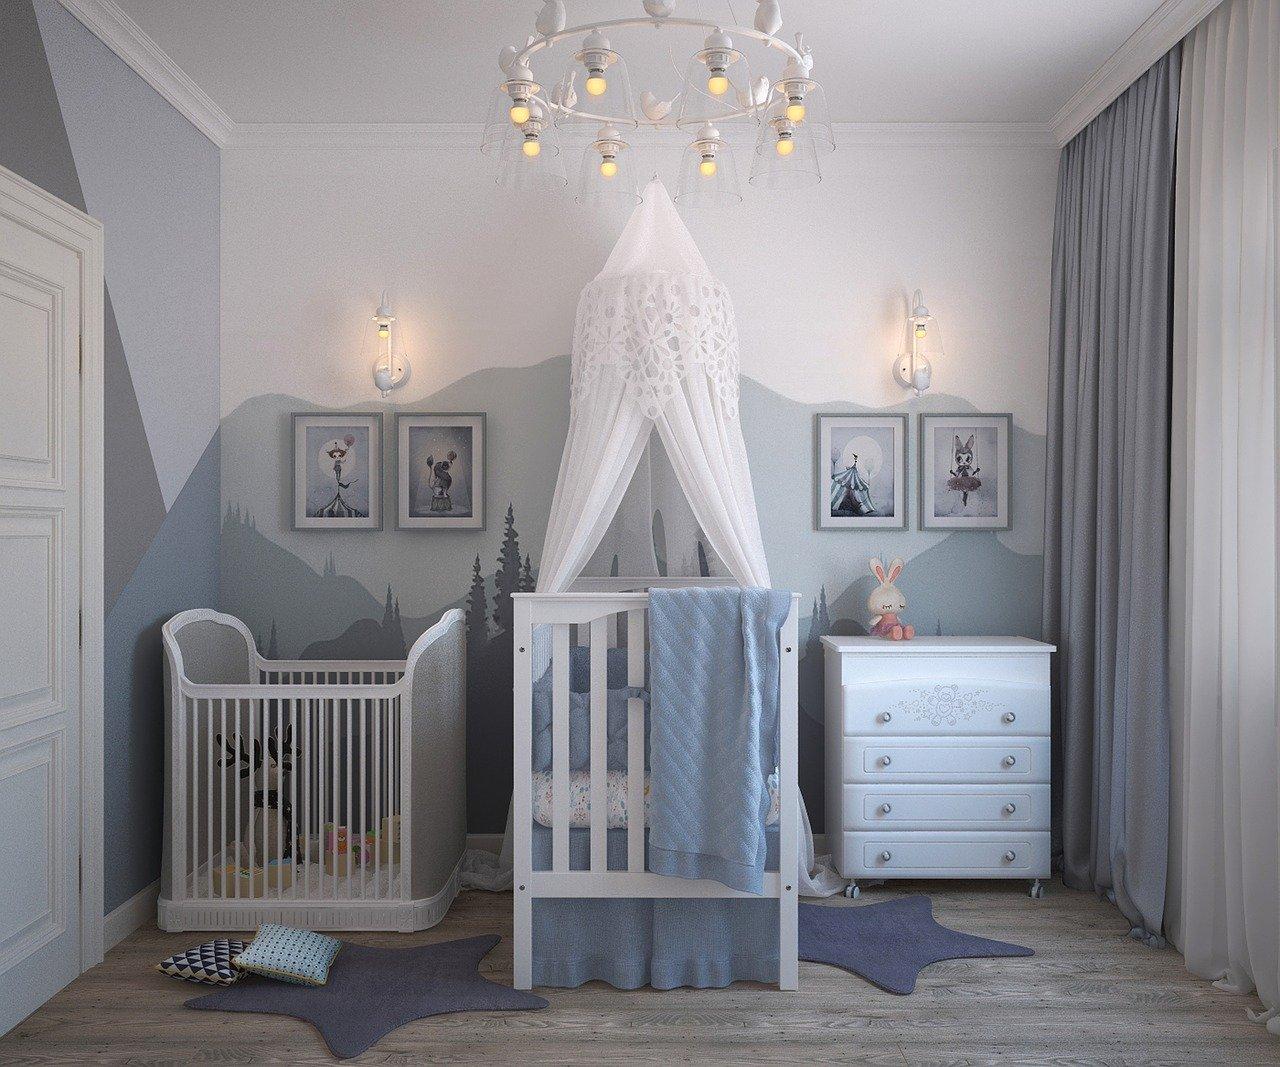 Pokój dziecięcy - wybór odpowiedniego dywanu